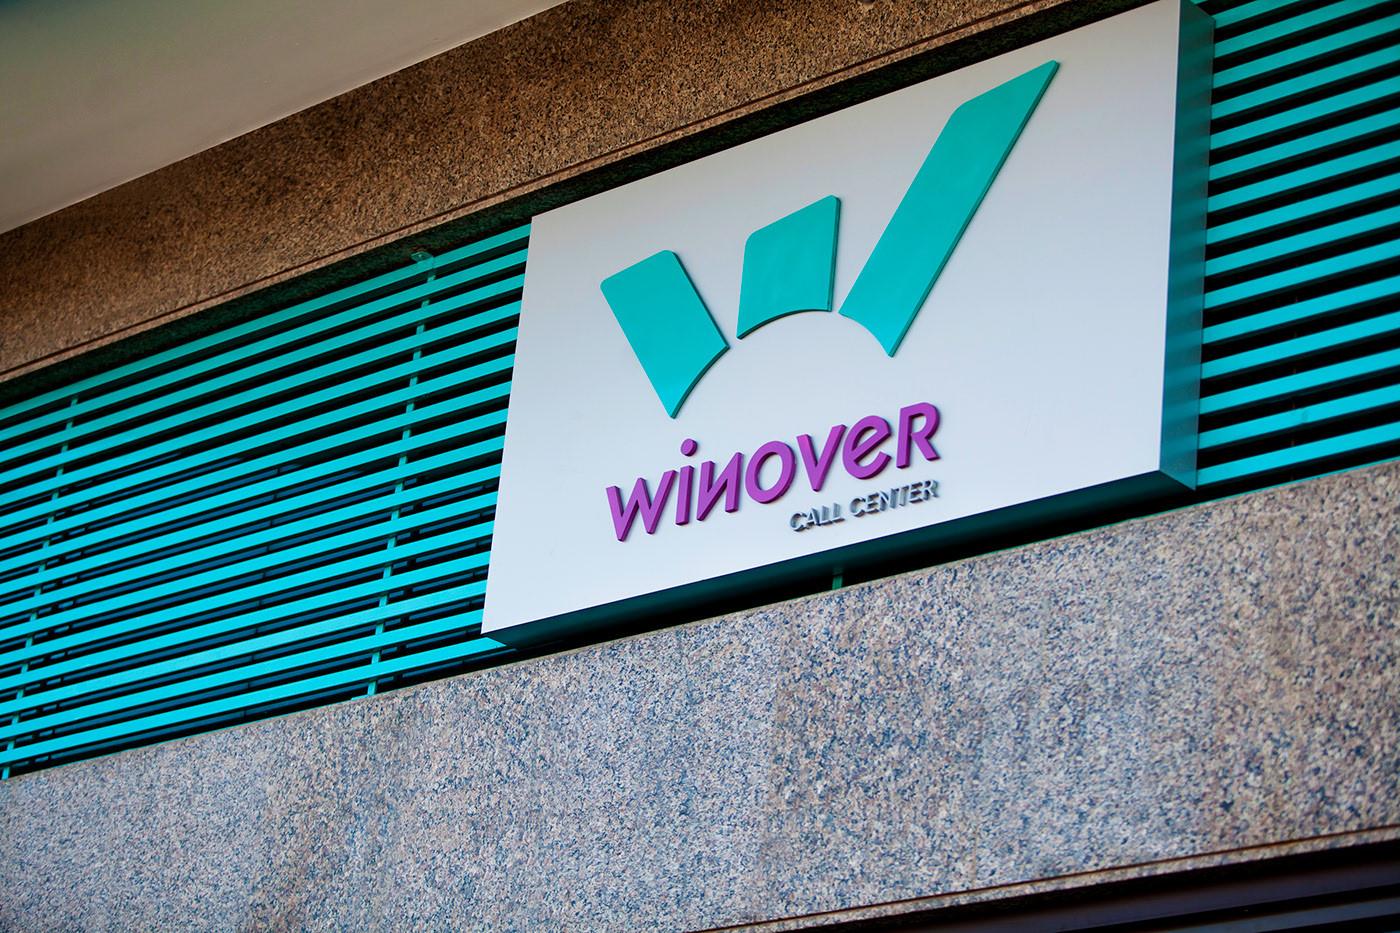 Winover Contact Center